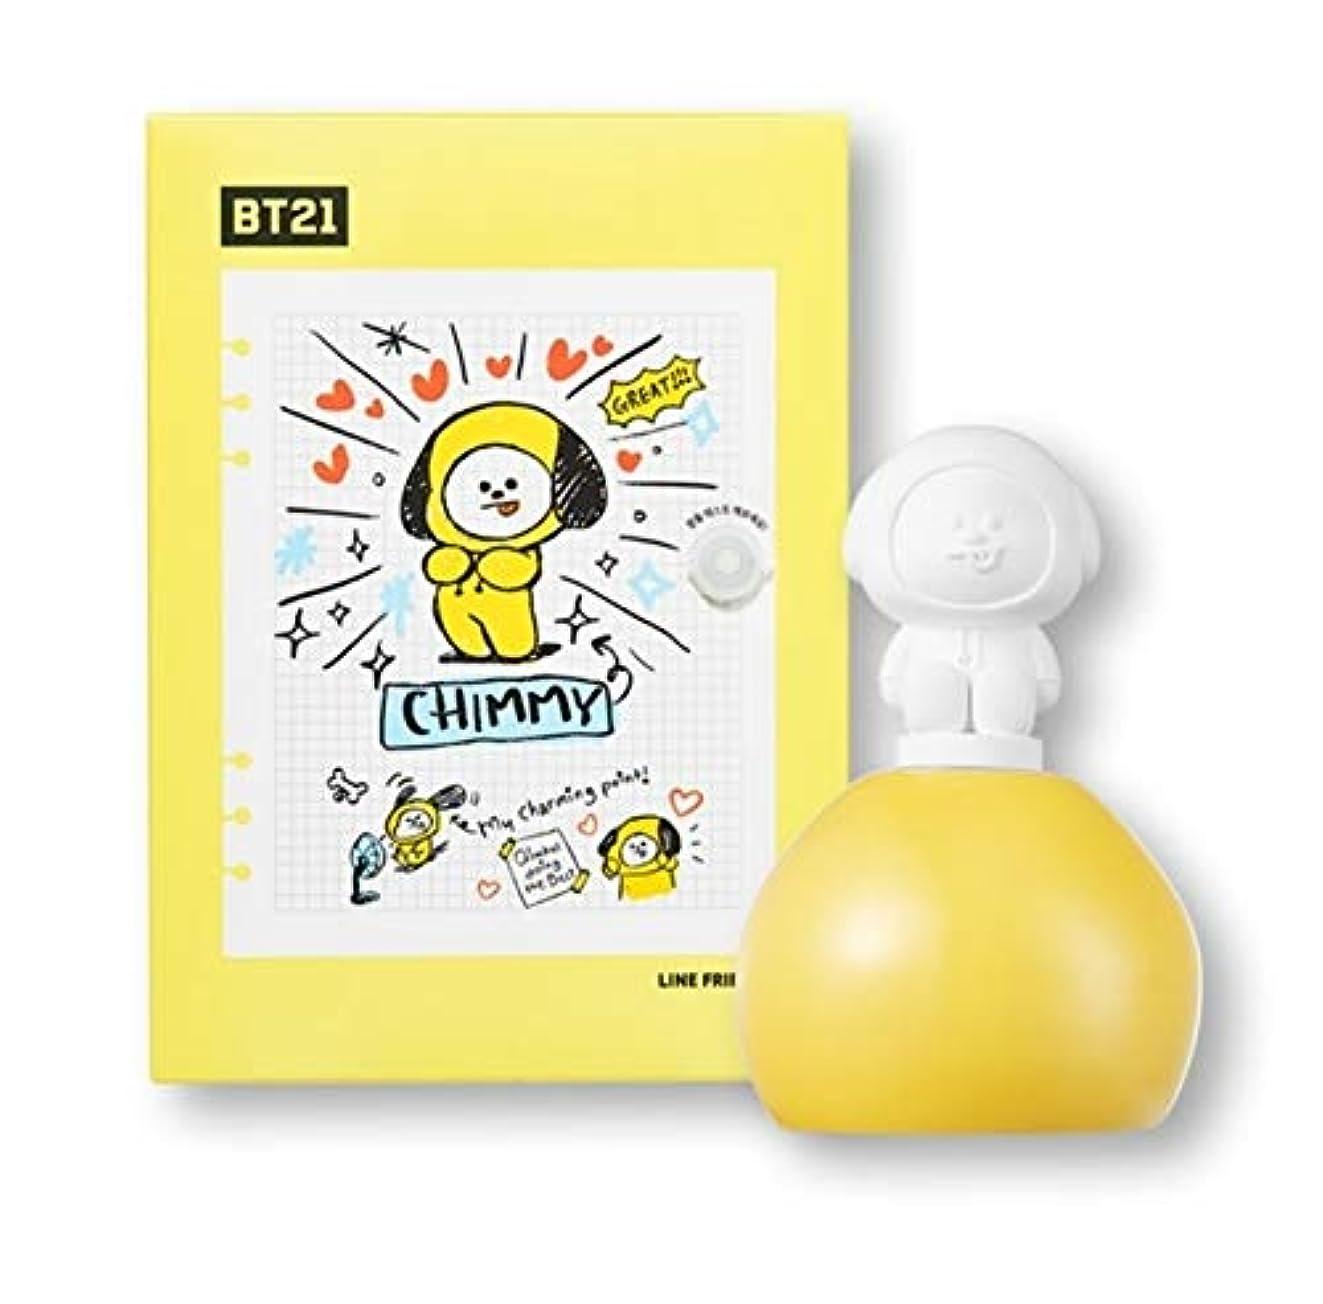 岸変換する一時解雇するBT21 CHIMMY アロマディフューザー 柚子レモンの香り 芳香剤 防弾少年団 BTS チミー オリーブヤング